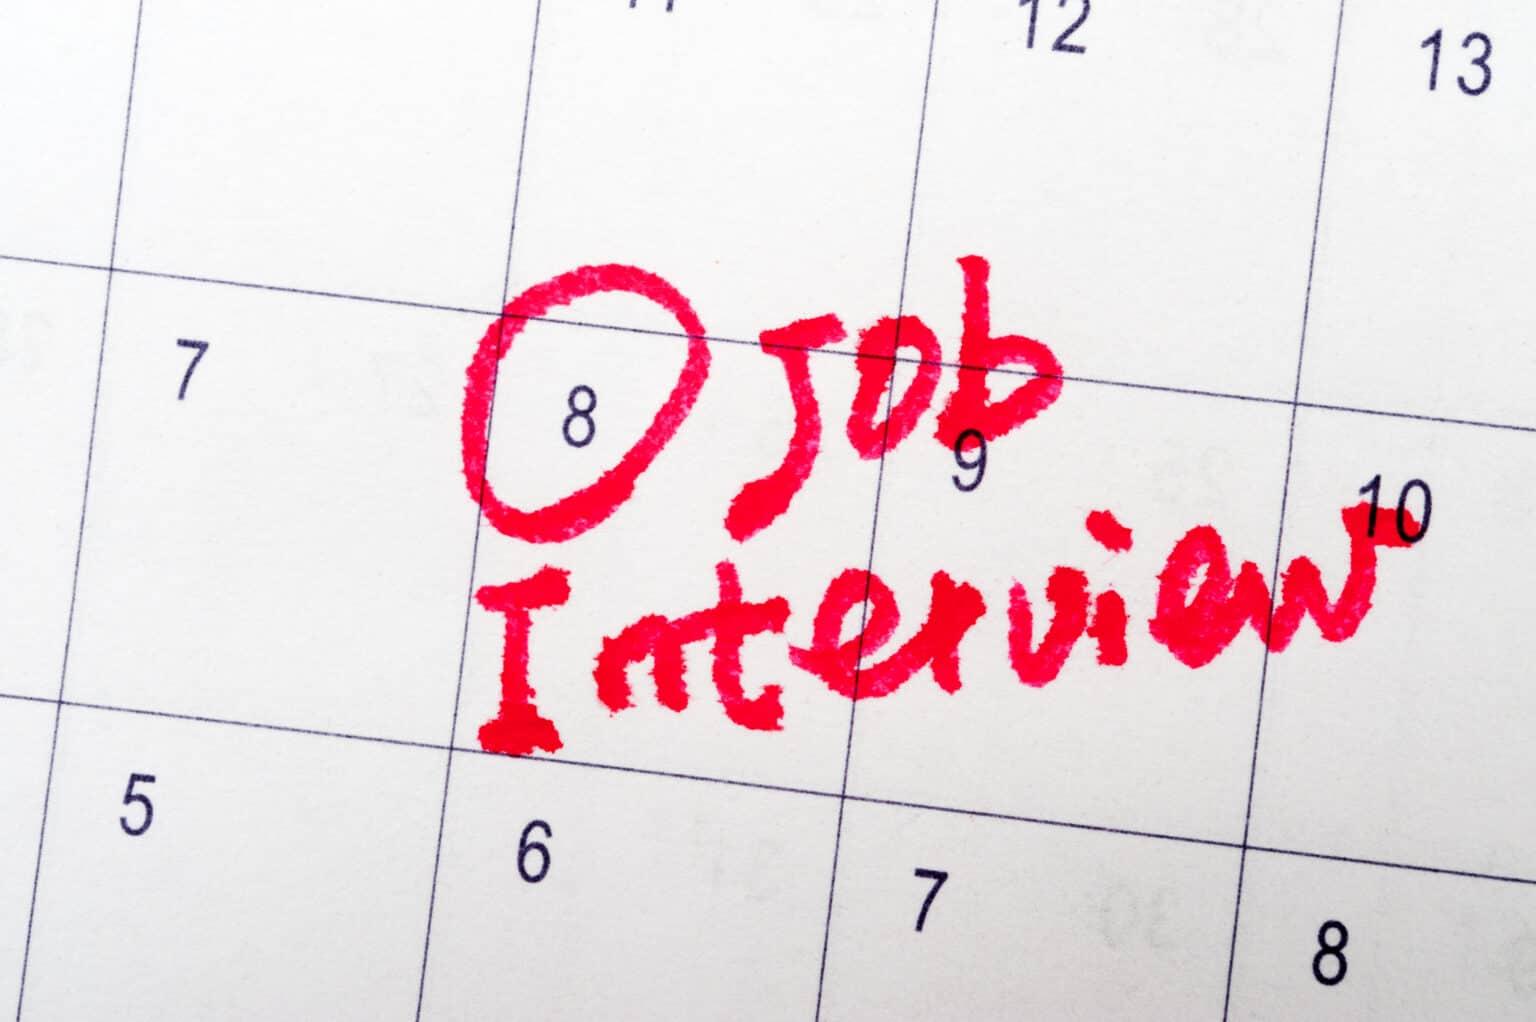 Job interview words written on the calendar